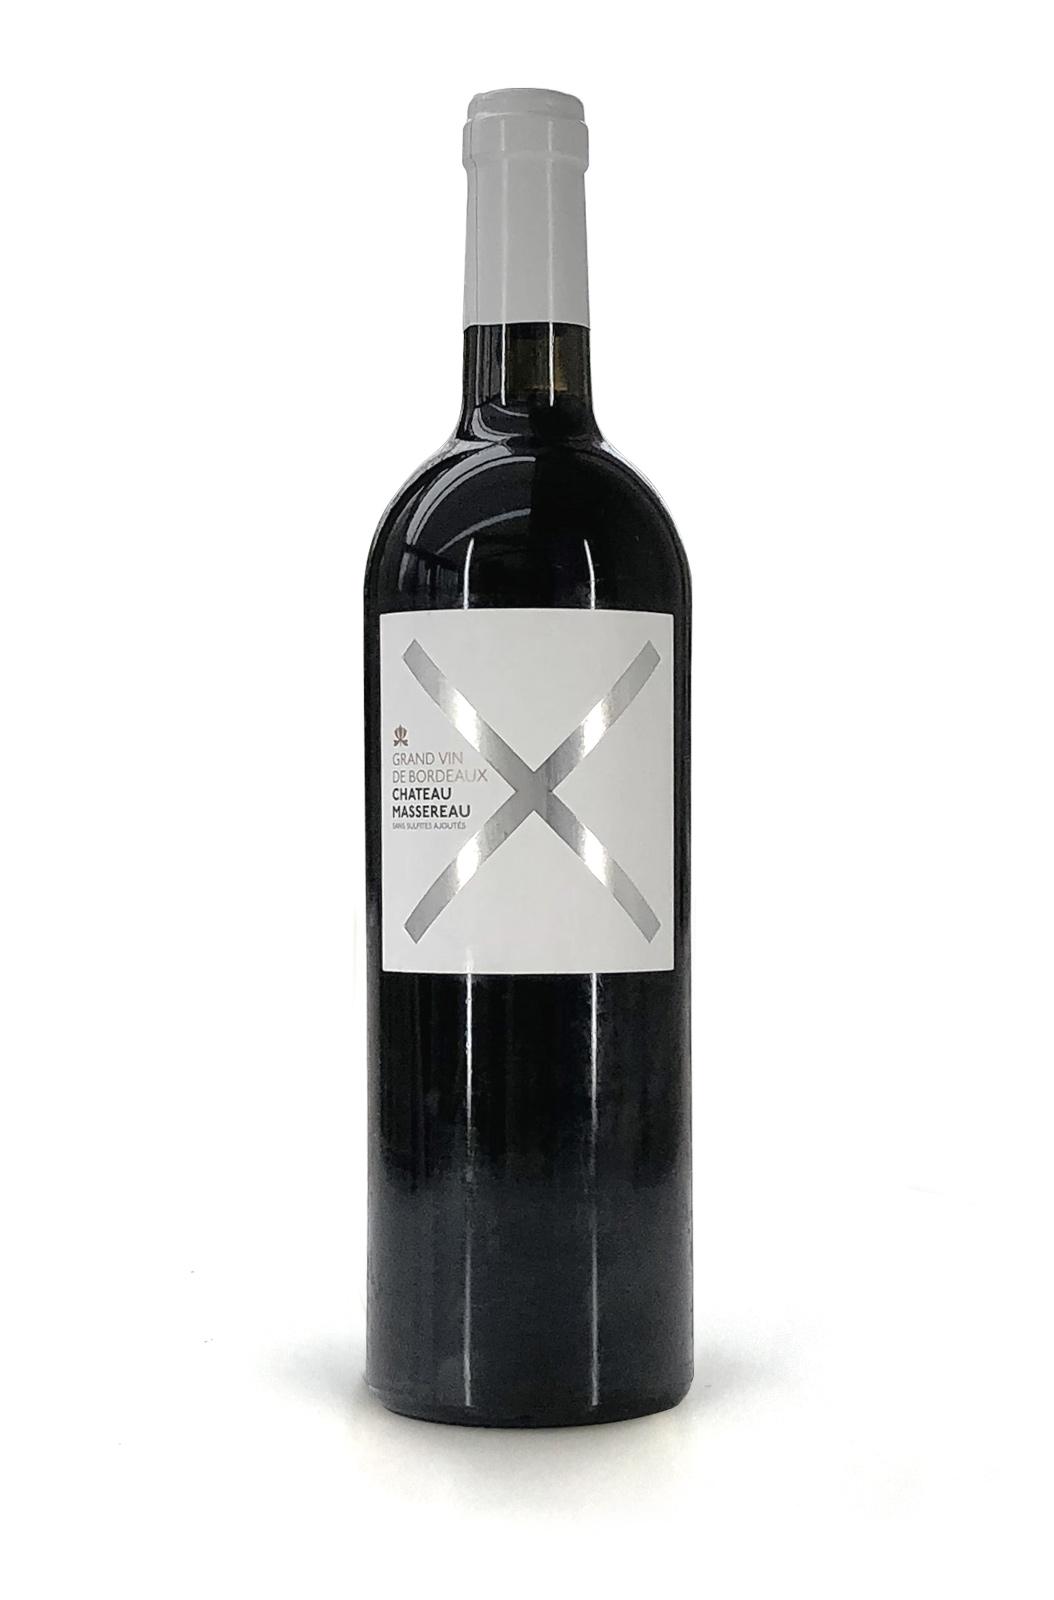 11-chateau-massereau-vin-rouge-bordeaux-cuvee-x